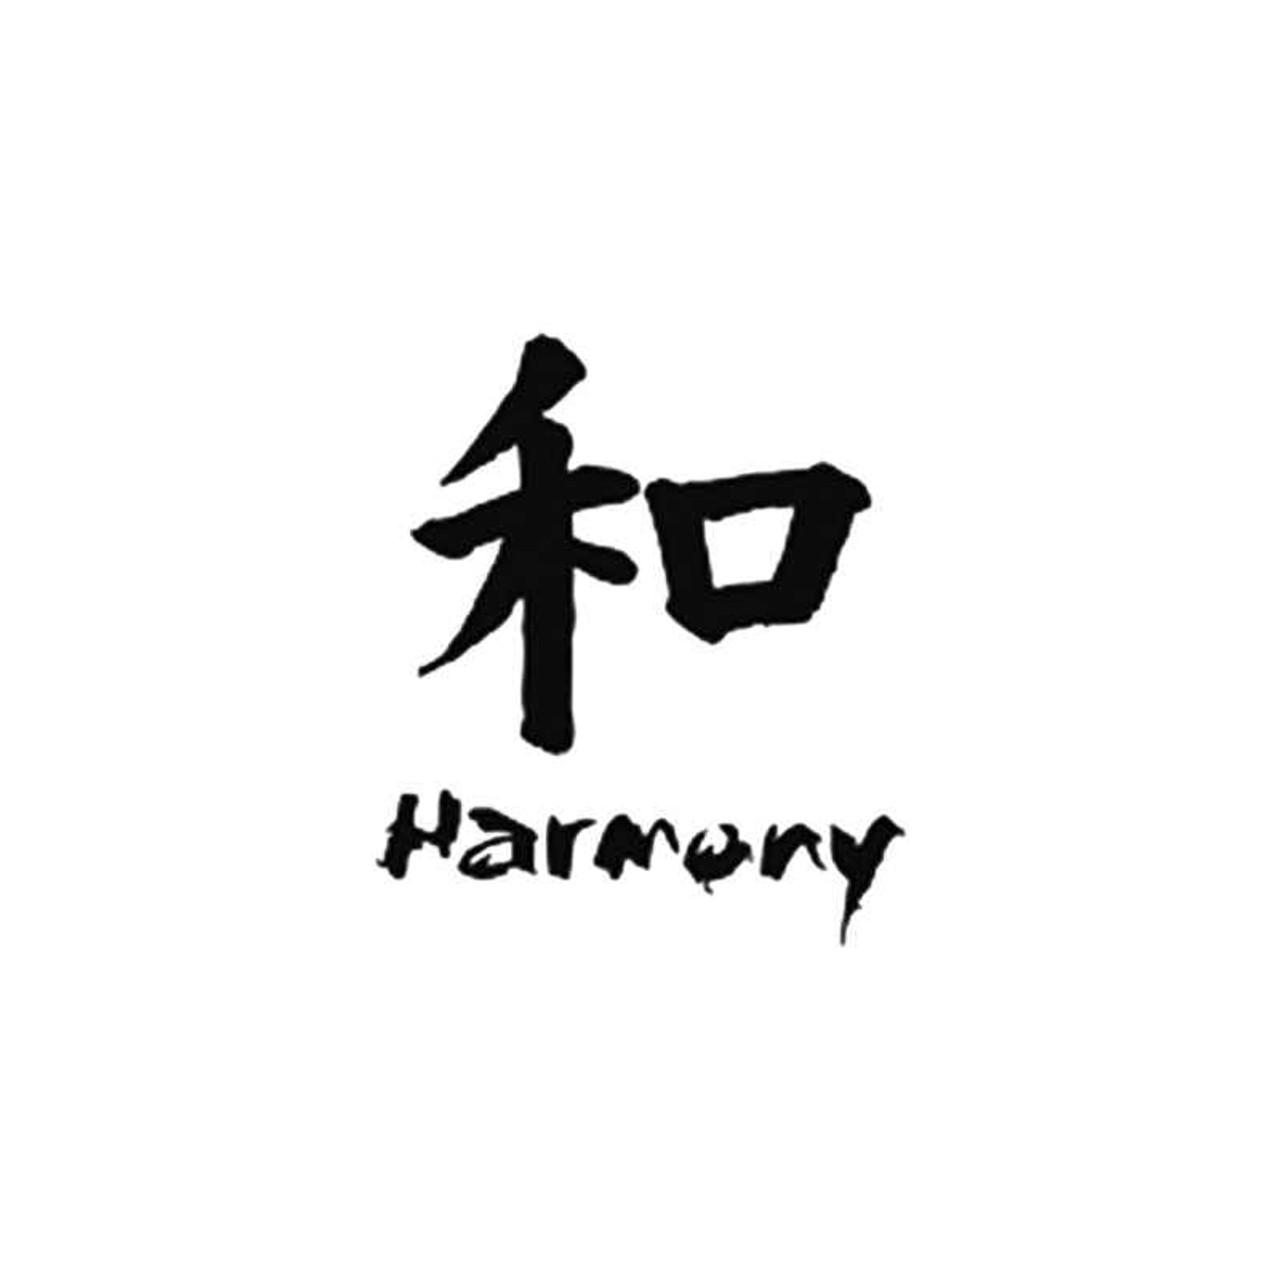 Chinese Symbol S Chinese Character Harmony Vinyl Sticker